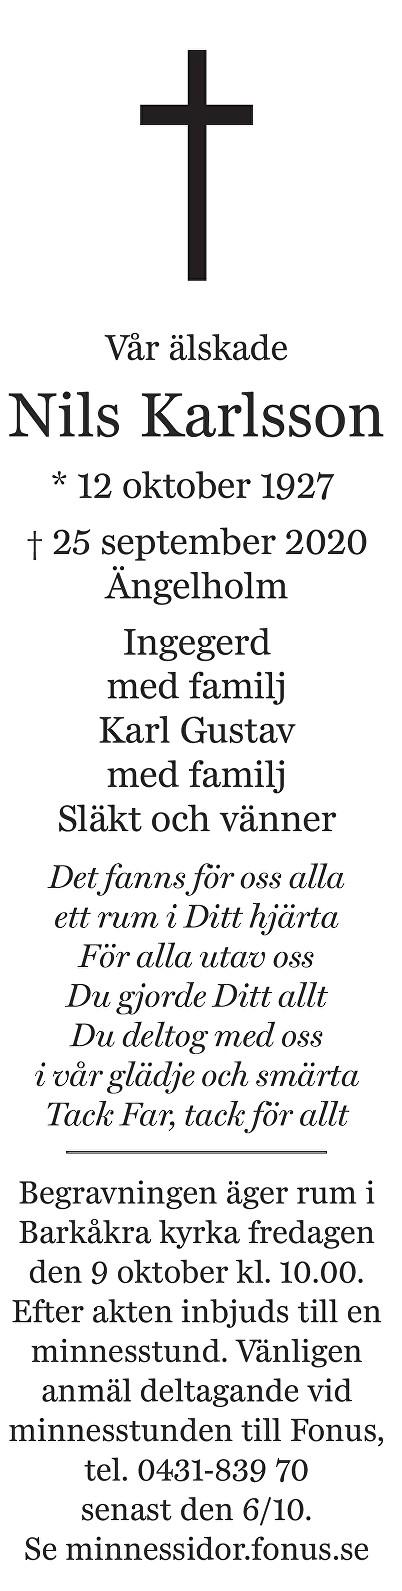 Nils Karlsson Death notice